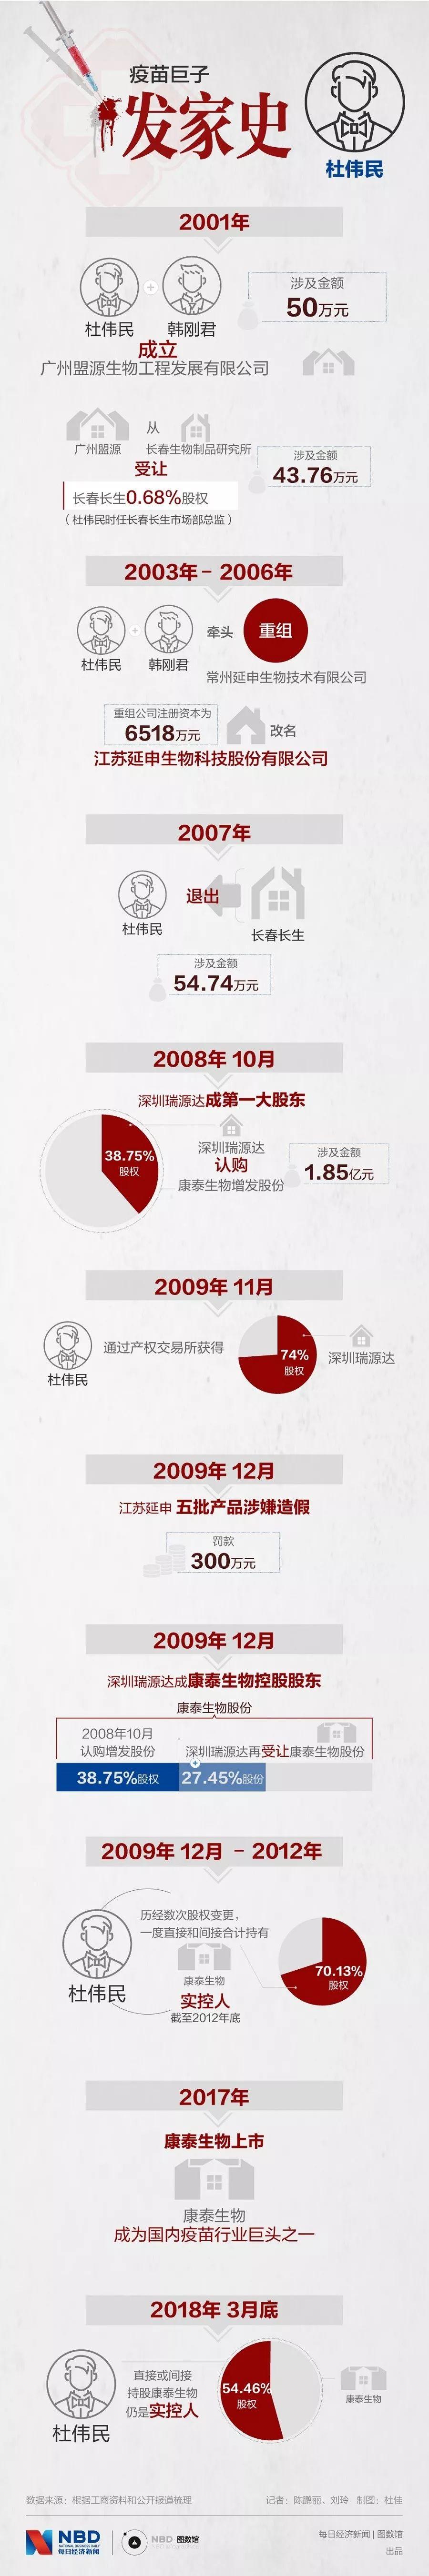 疫苗女王高俊芳:身家67亿,一家三口掌管长生生物_图2-4